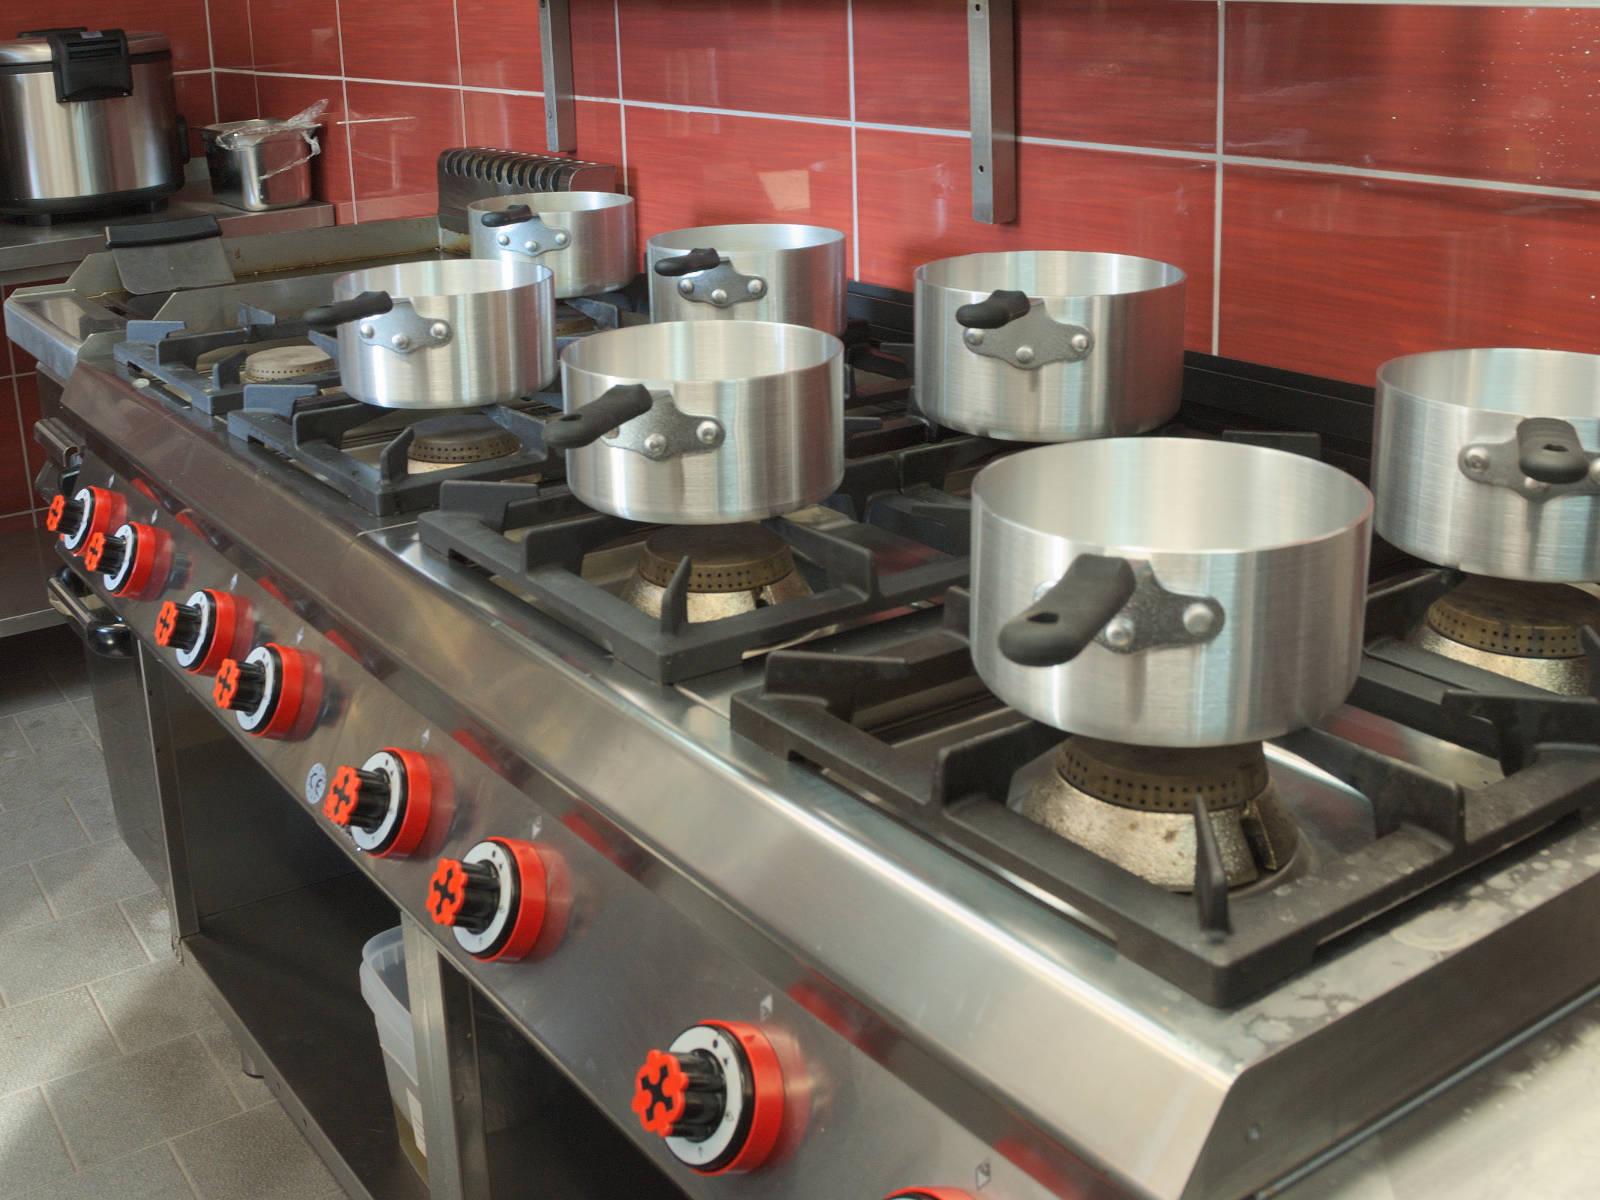 Moderne Kochflächen von Offcar mit bis zu 10 kW Leistung je Brenner